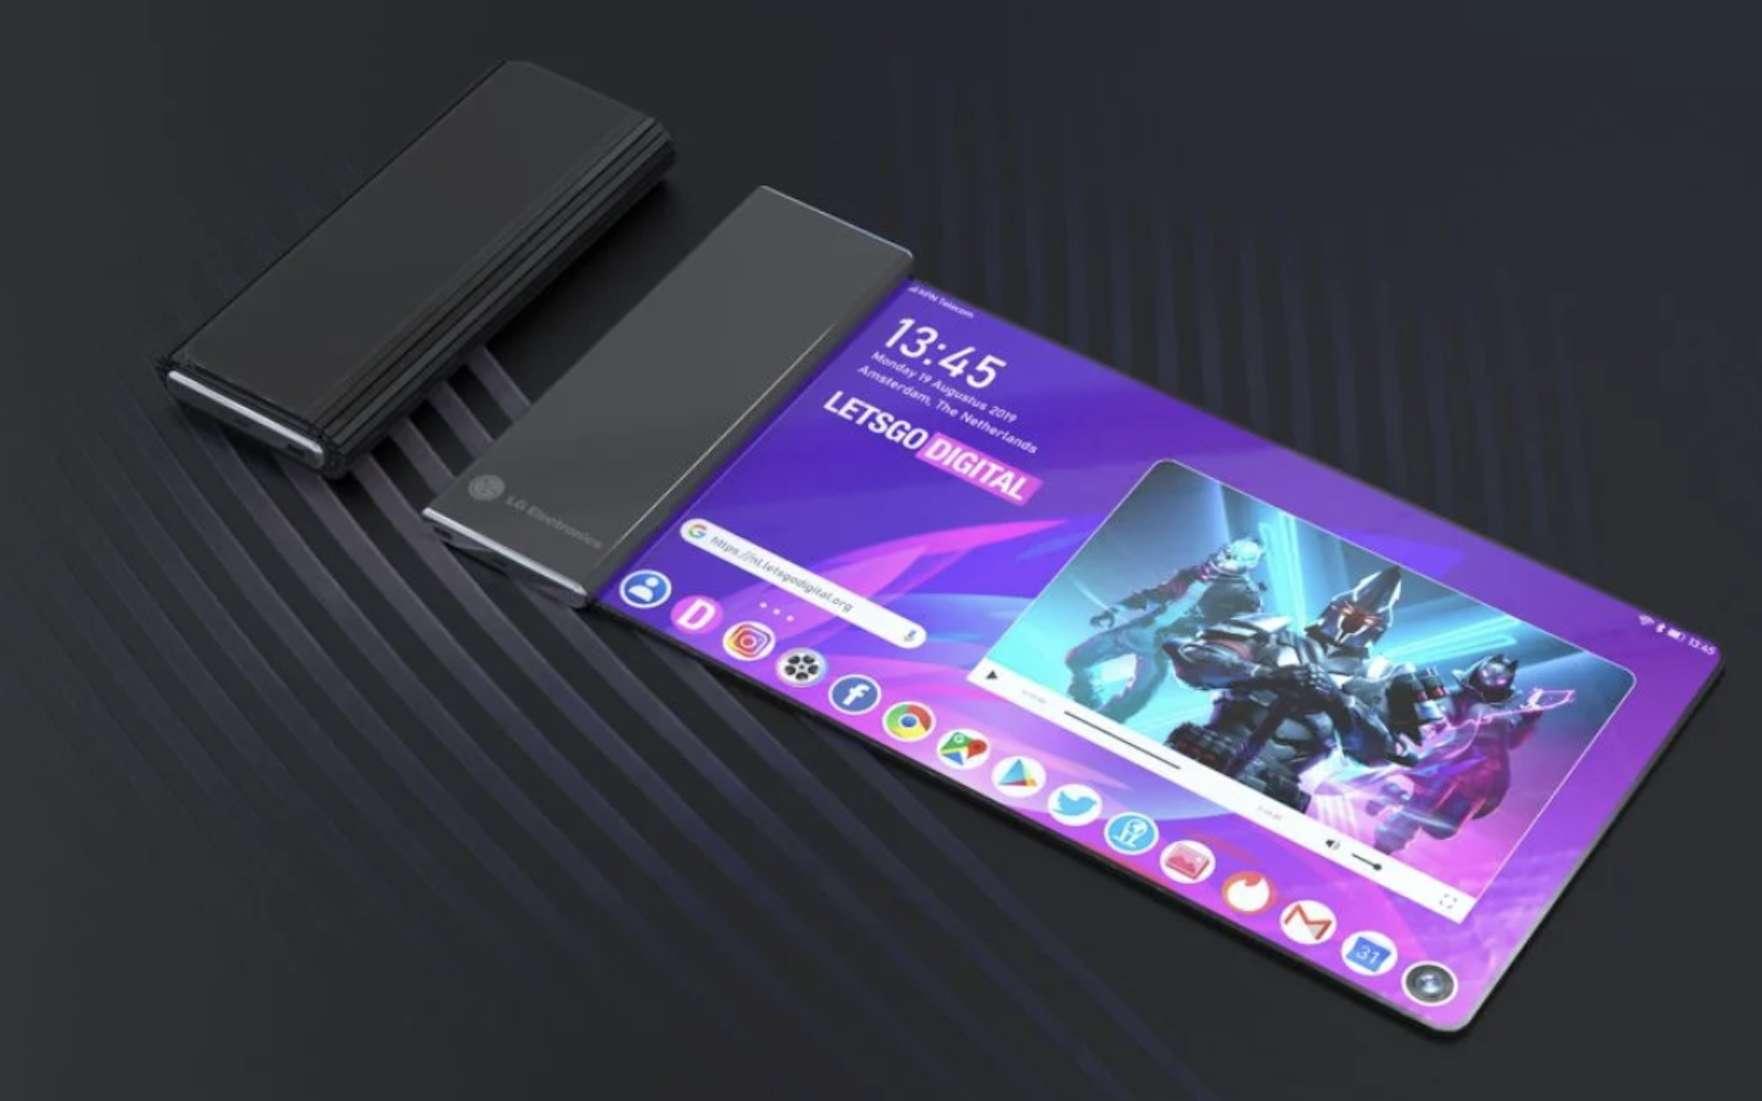 Vue d'artiste du mobile doté d'un écran enroulable issue du brevet déposé par LG. © LG